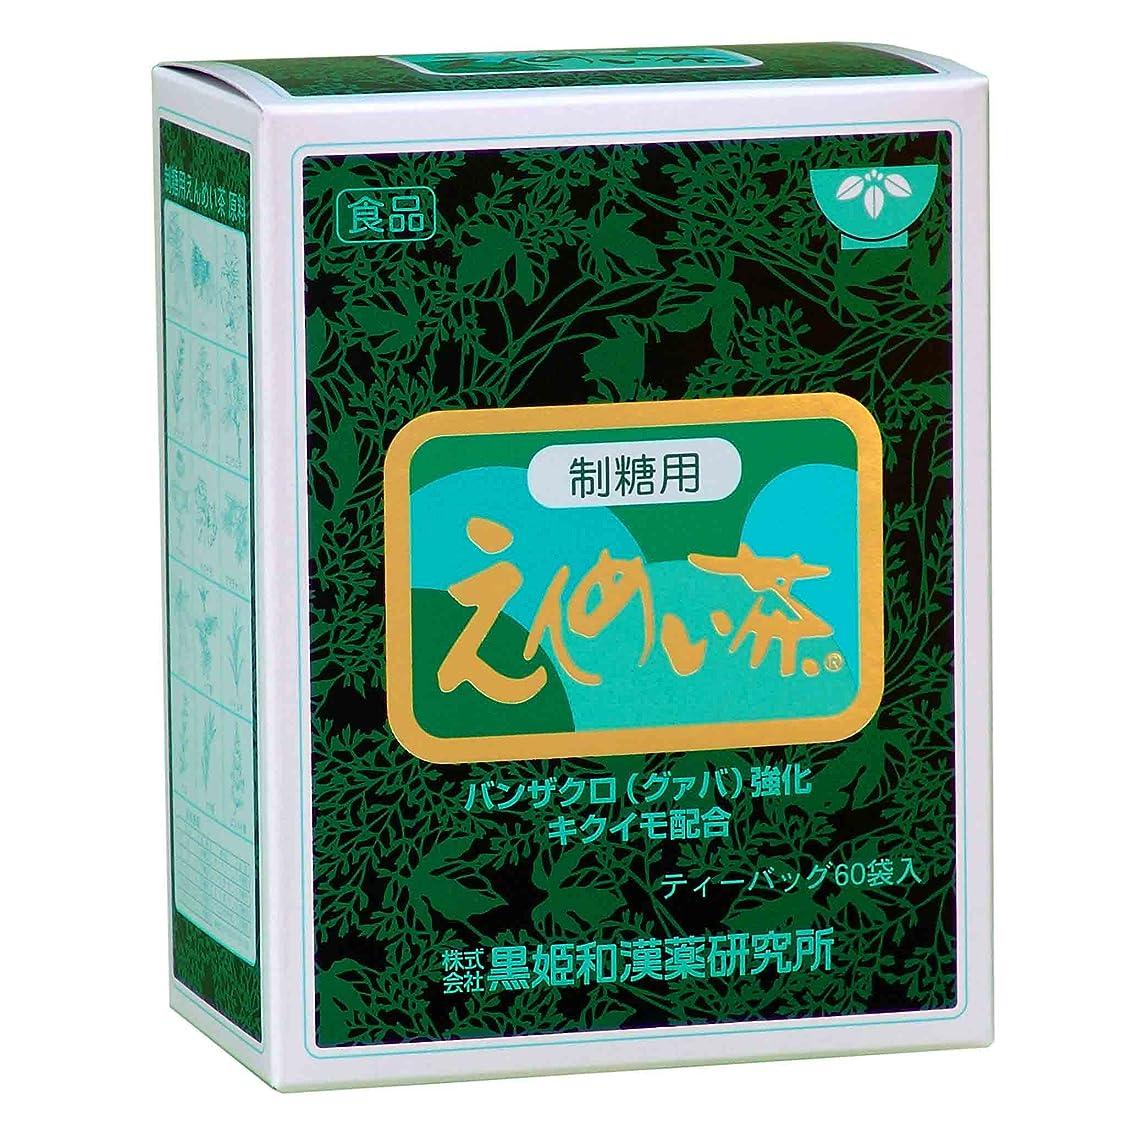 テスト角度社交的ユニマットリケン 黒姫えんめい茶制糖用 5gx60包